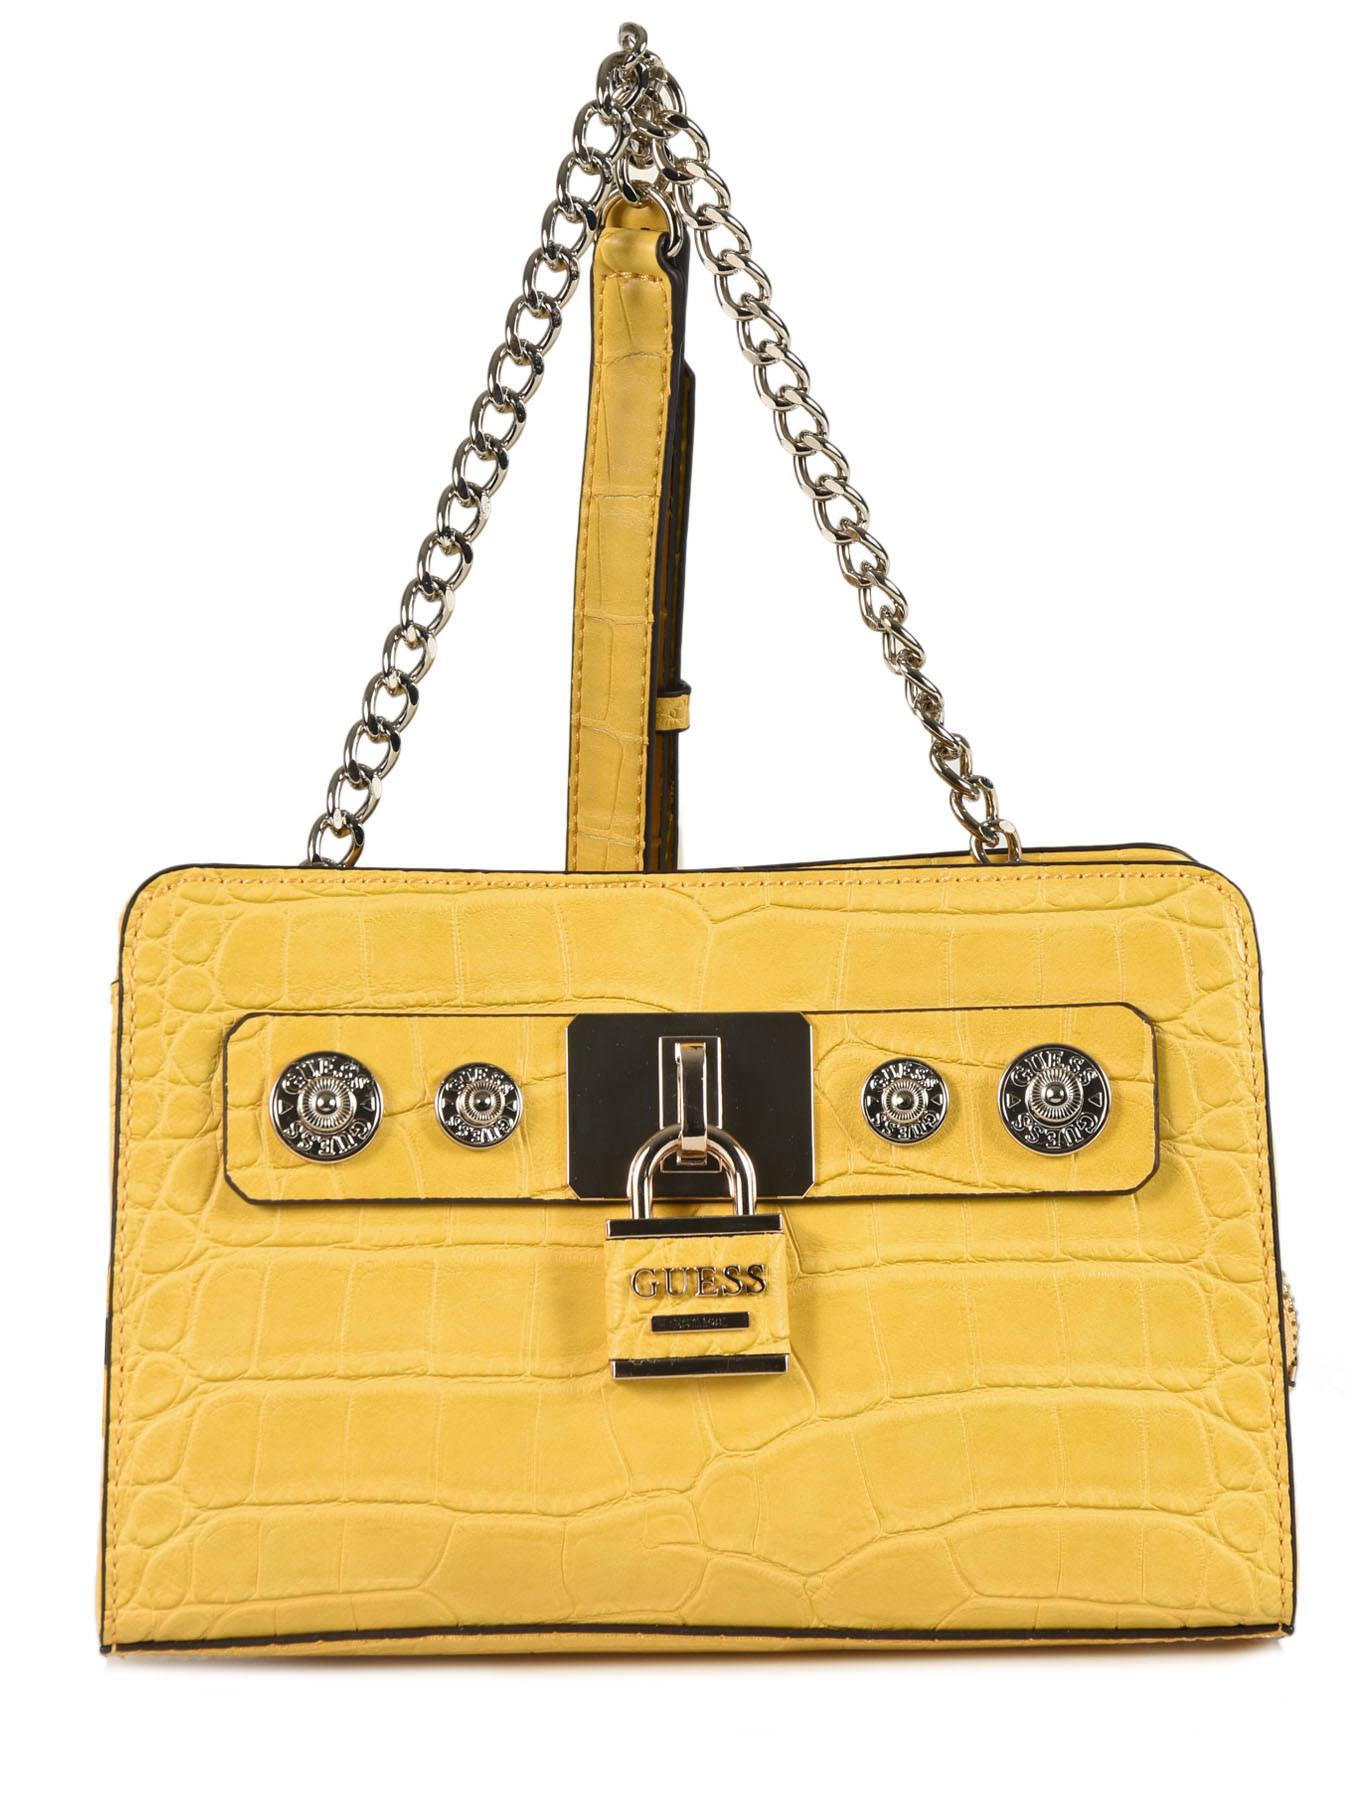 ... Shoulder Bag Anne Marie Guess Black anne marie CG718214 ... a18bb467e8793